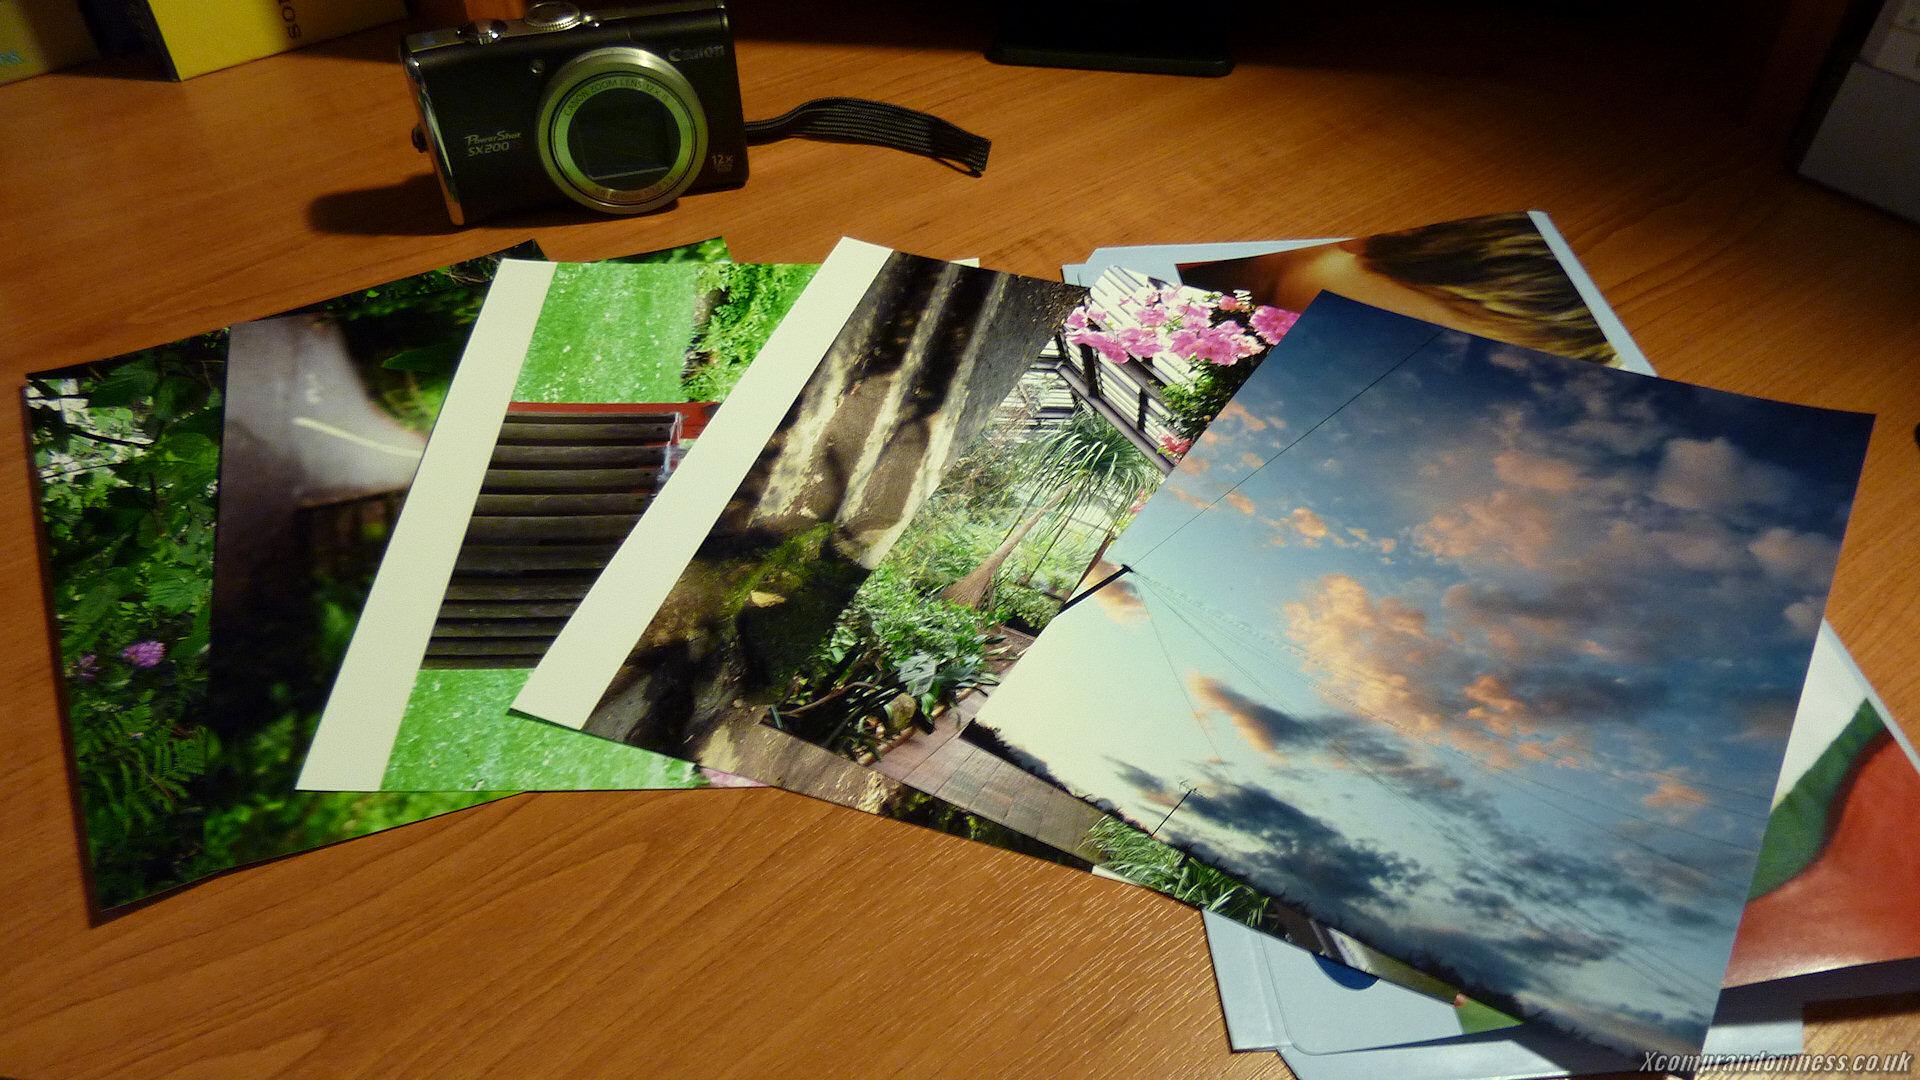 printouts of digital photos - Picture Printouts